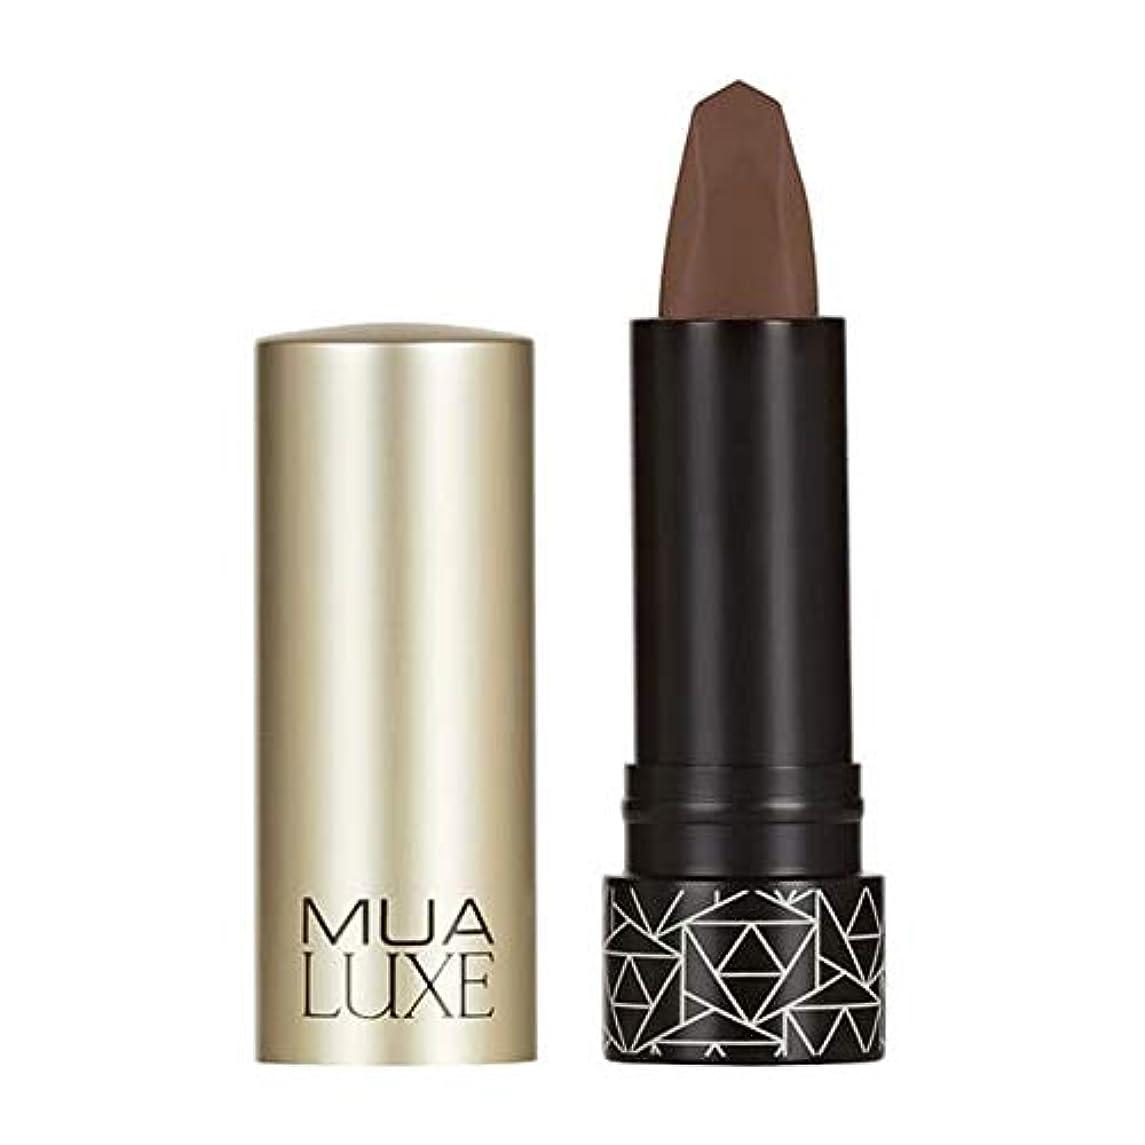 ご近所ケイ素アンテナ[MUA] Muaラックスベルベットマットリップスティック#2 - MUA Luxe Velvet Matte Lipstick #2 [並行輸入品]